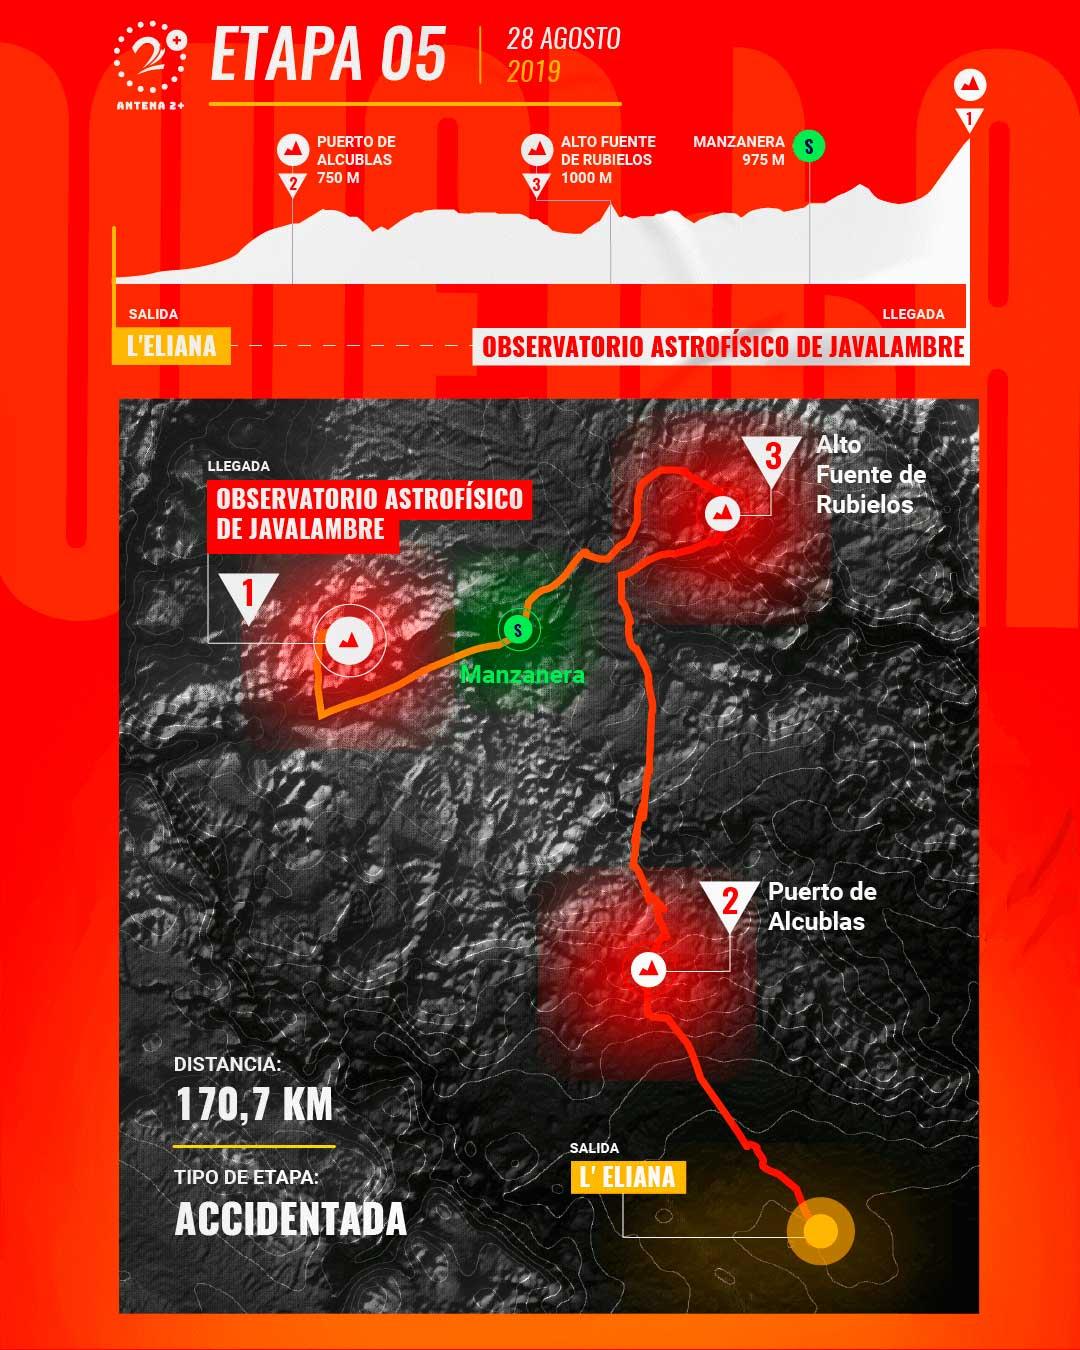 Etapa 5, Vuelta a España 2019